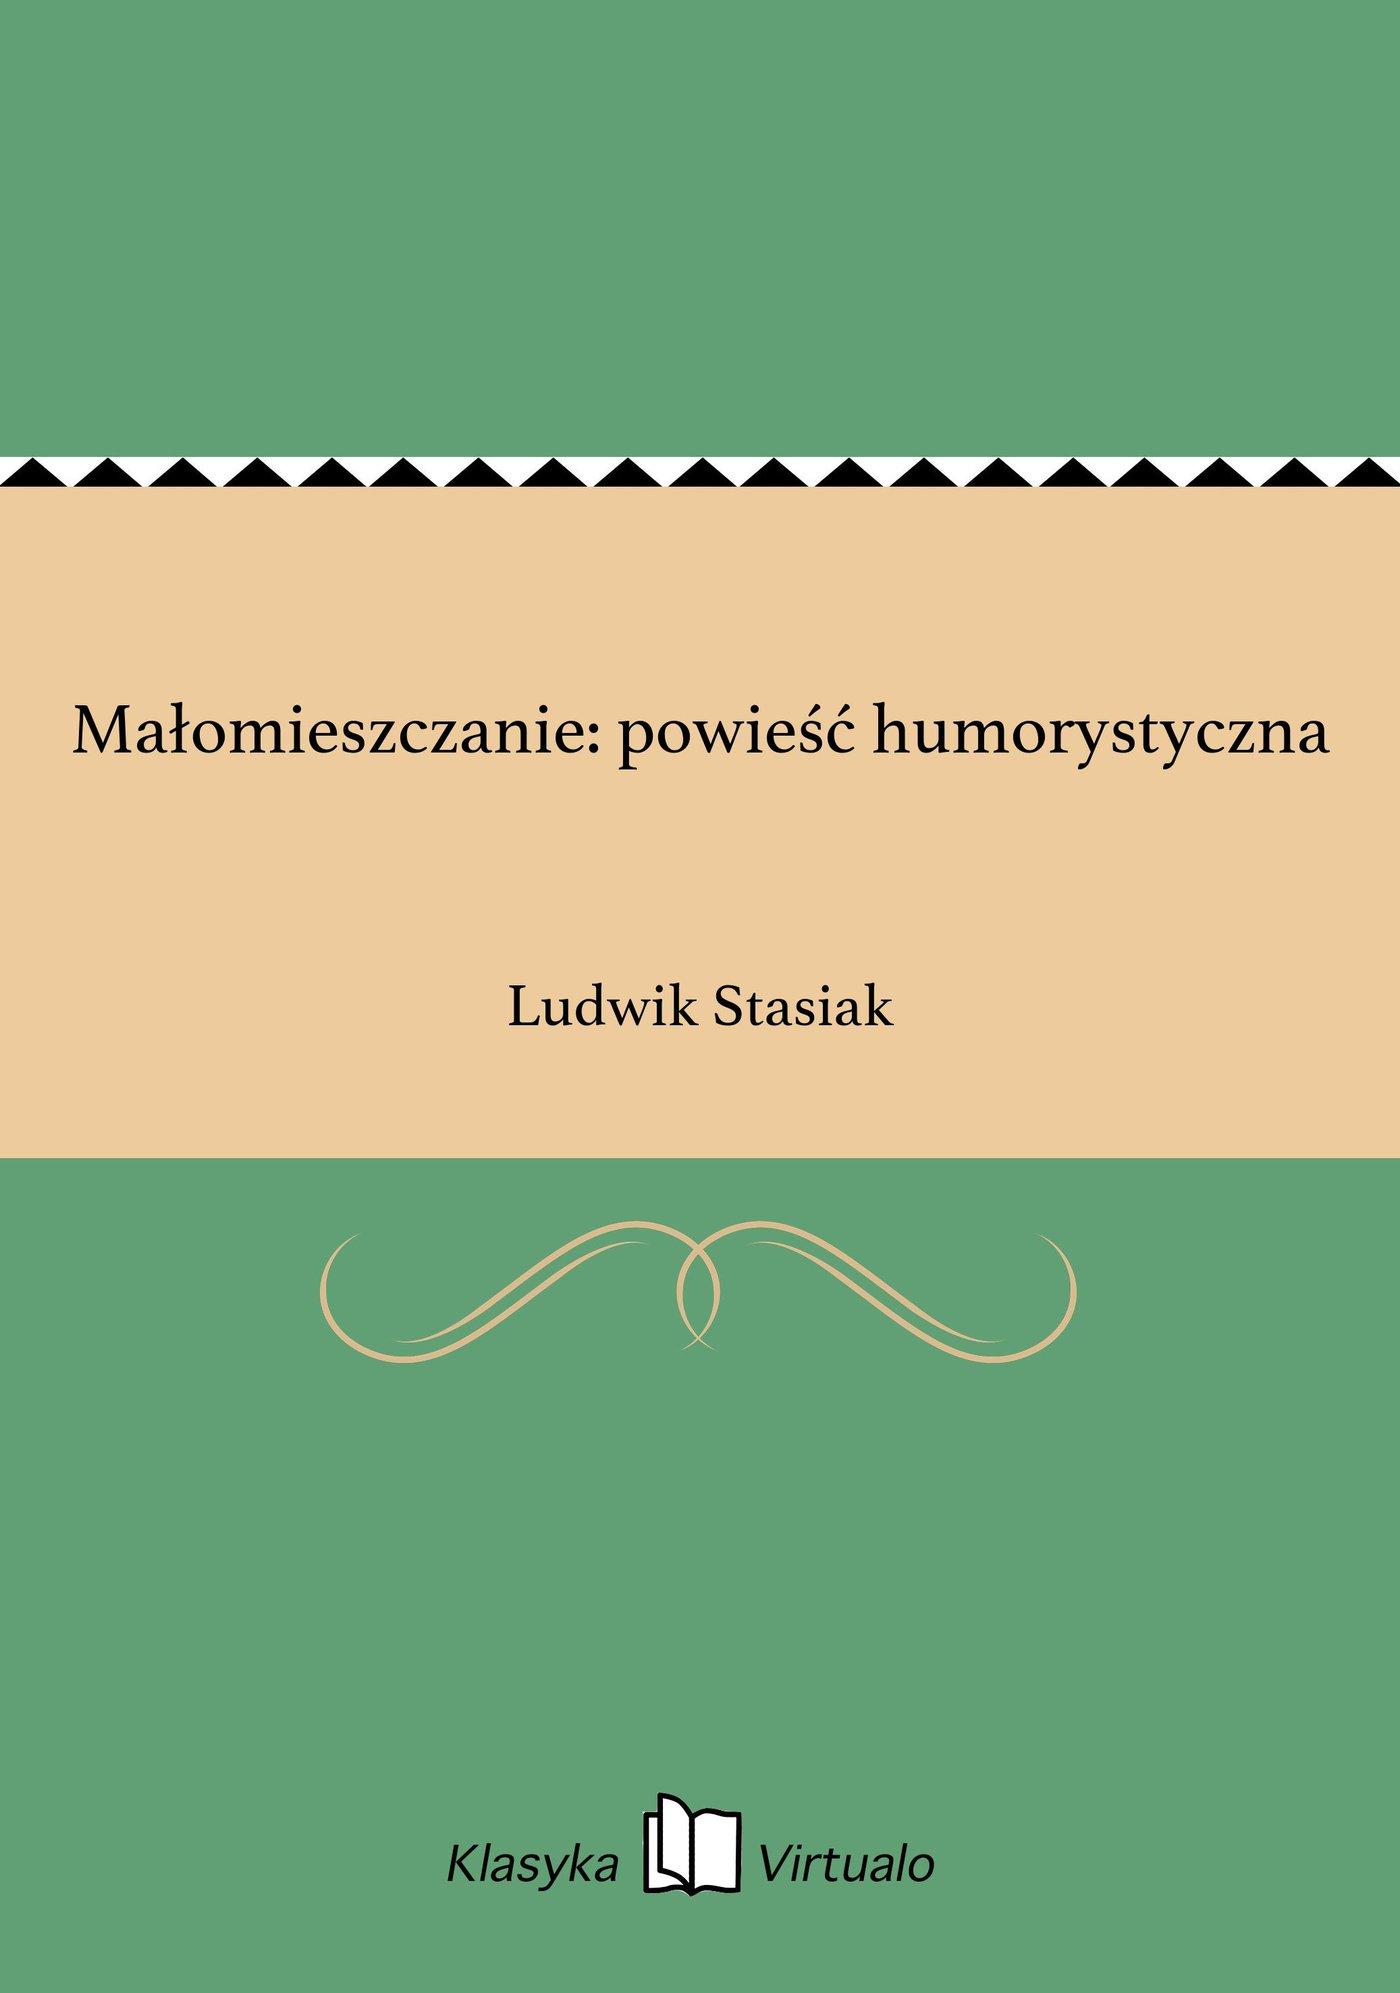 Małomieszczanie: powieść humorystyczna - Ebook (Książka na Kindle) do pobrania w formacie MOBI